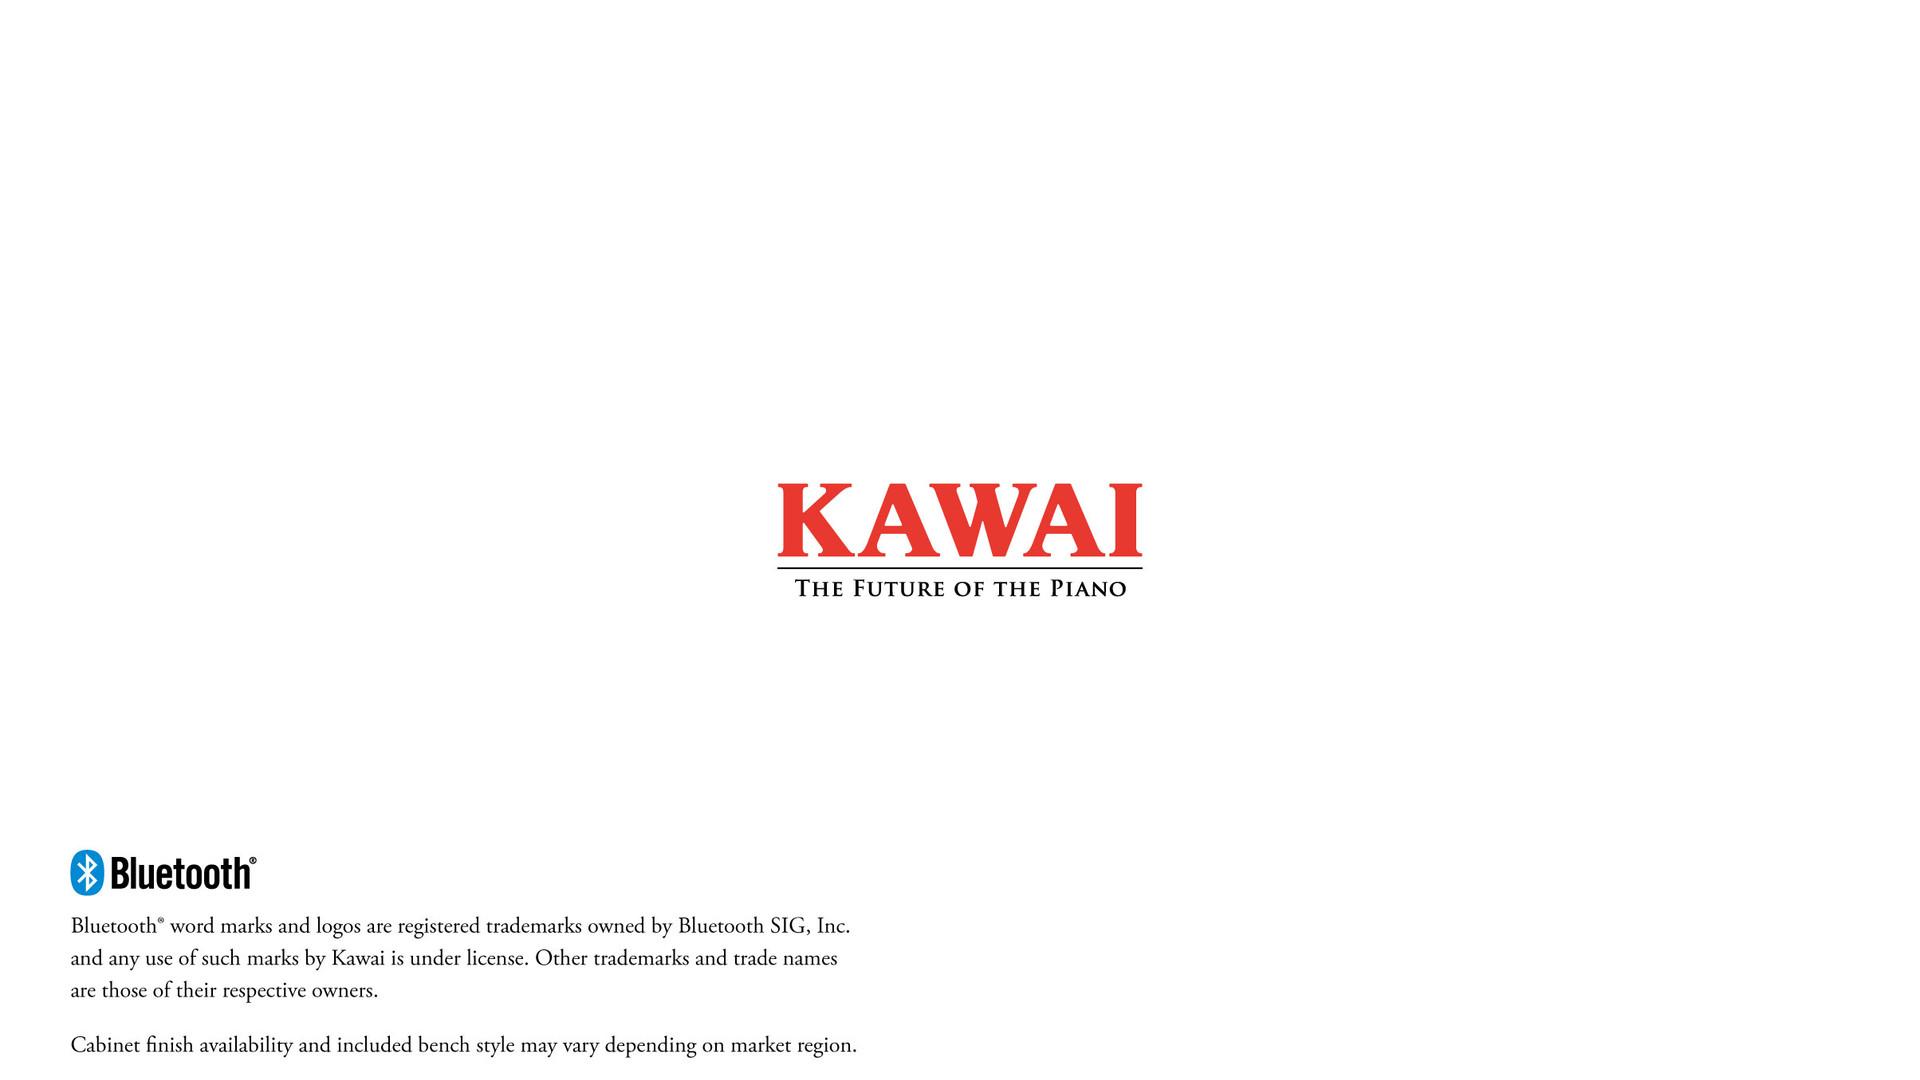 Kawai-CA-79-&-99-Brochure-18.jpg